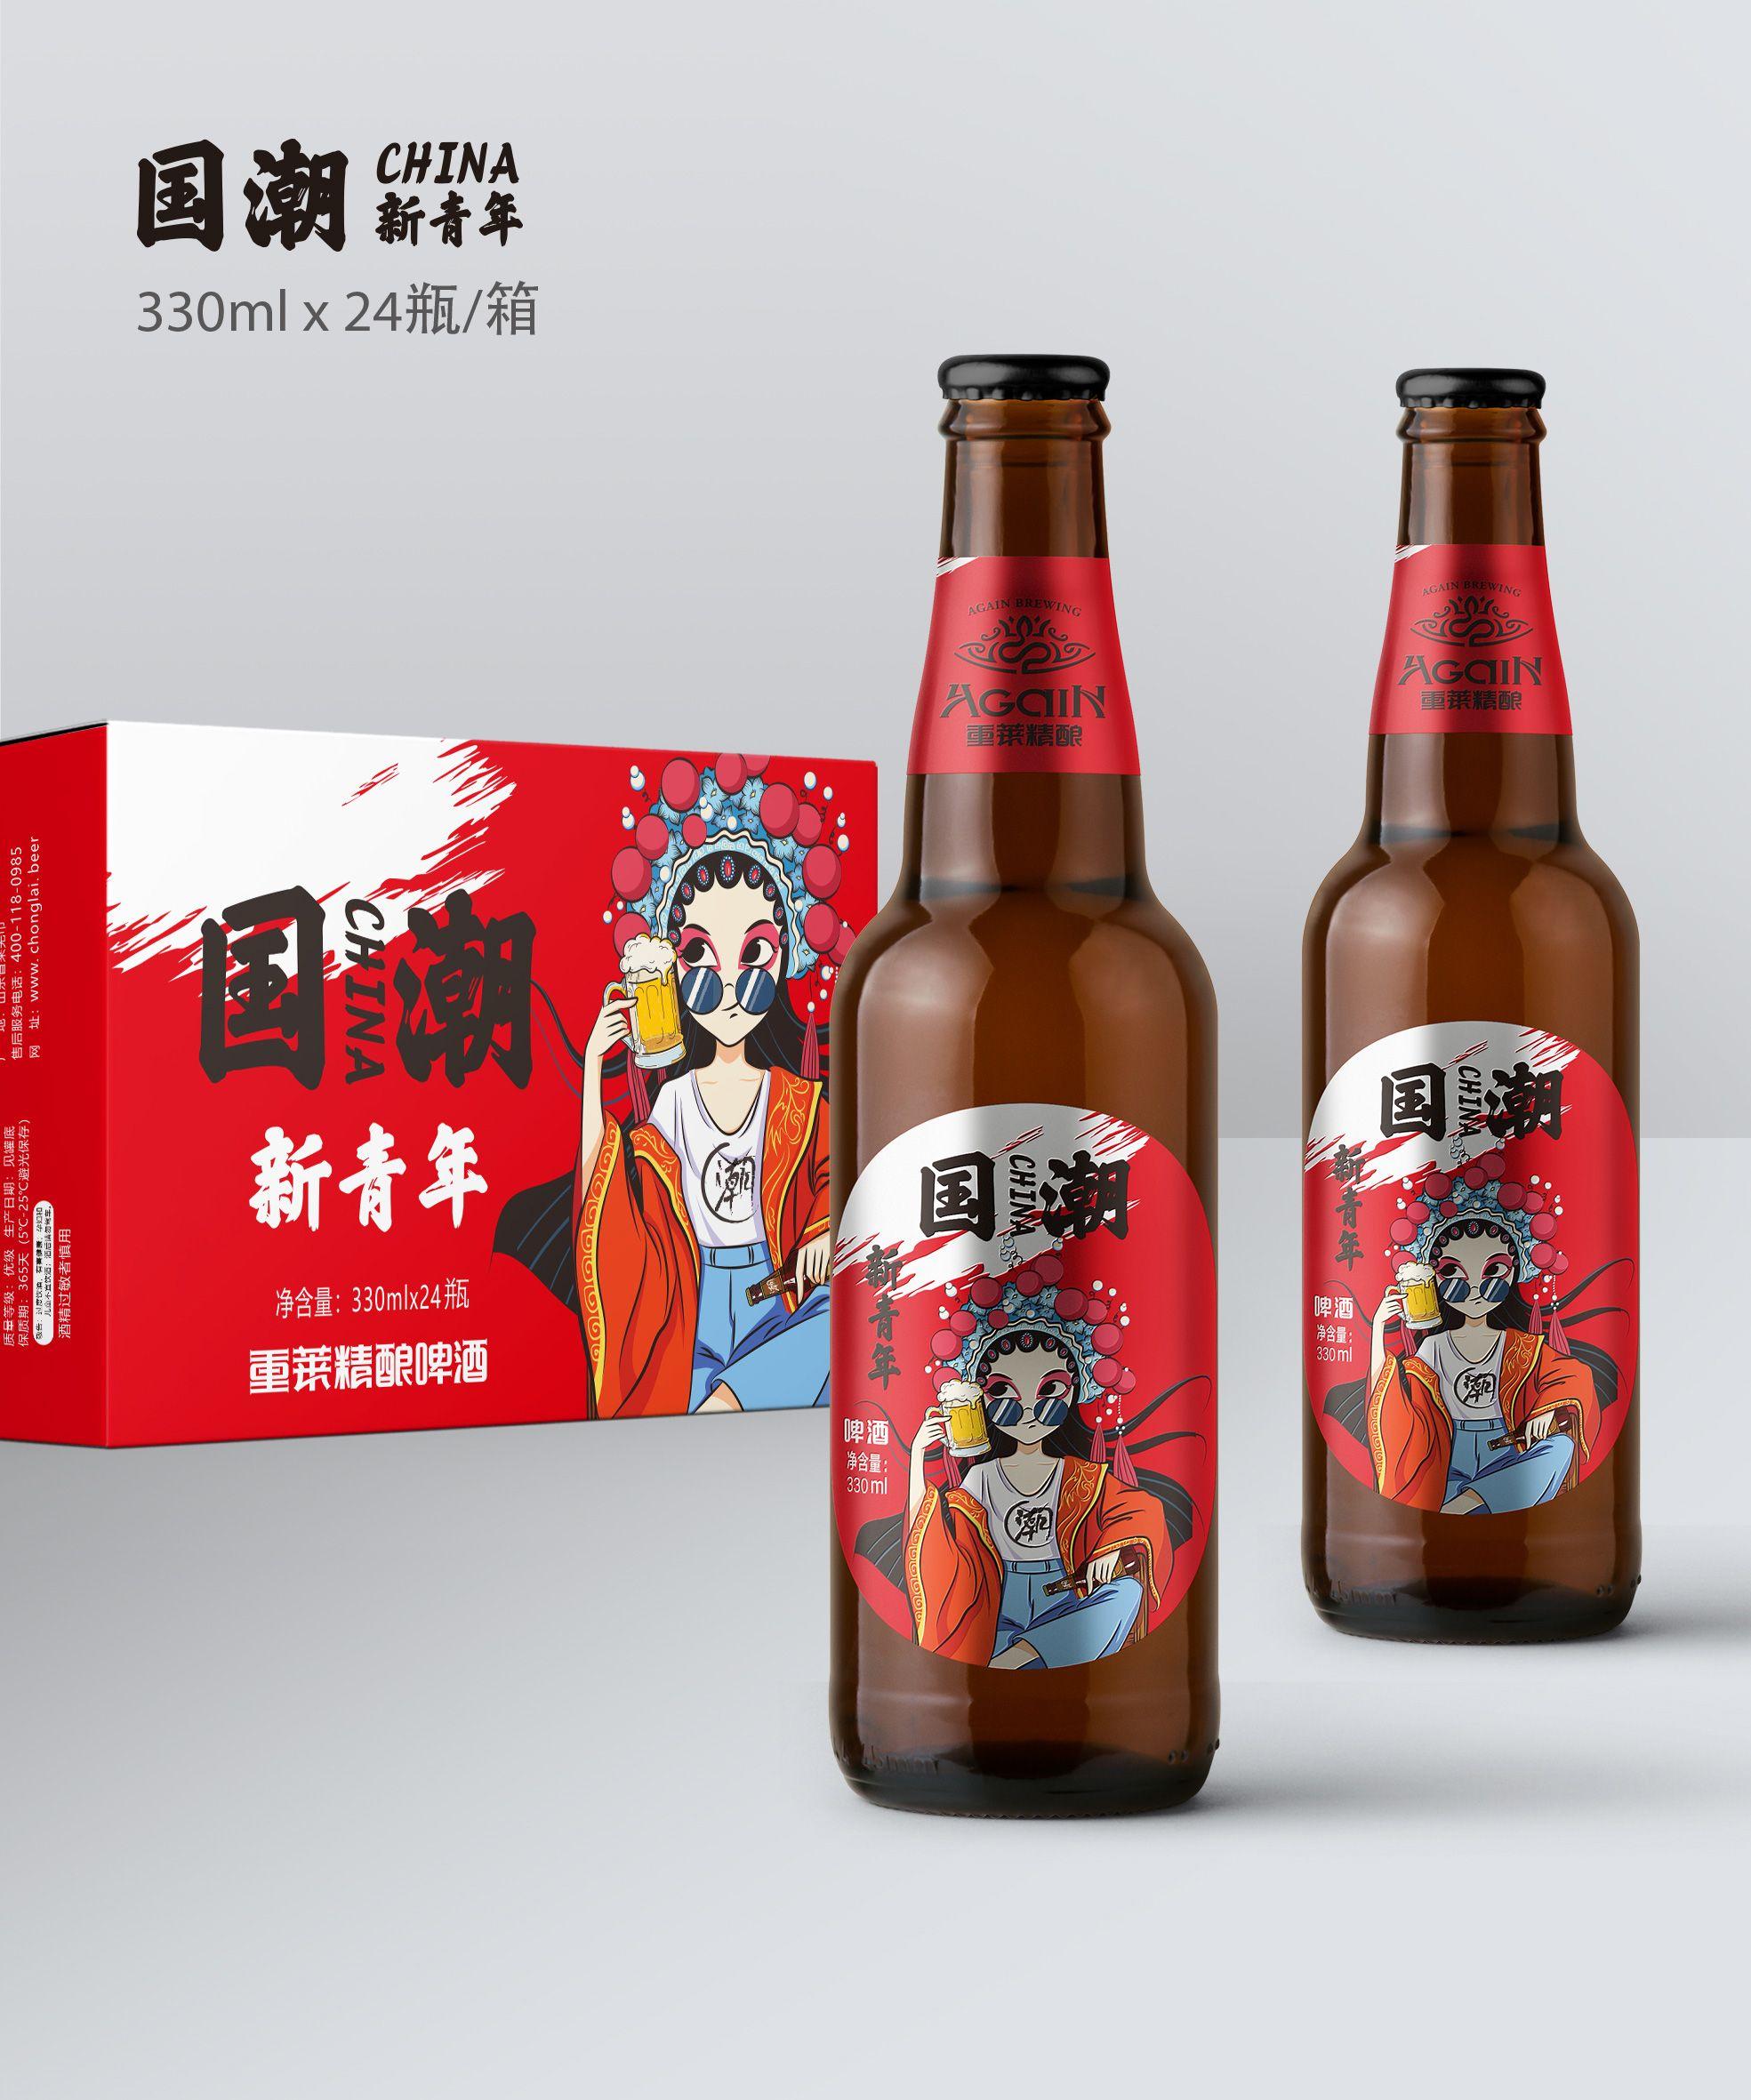 ��潮��道,��潮啤酒��潮精�啤酒��潮的不止是一��瓶�w